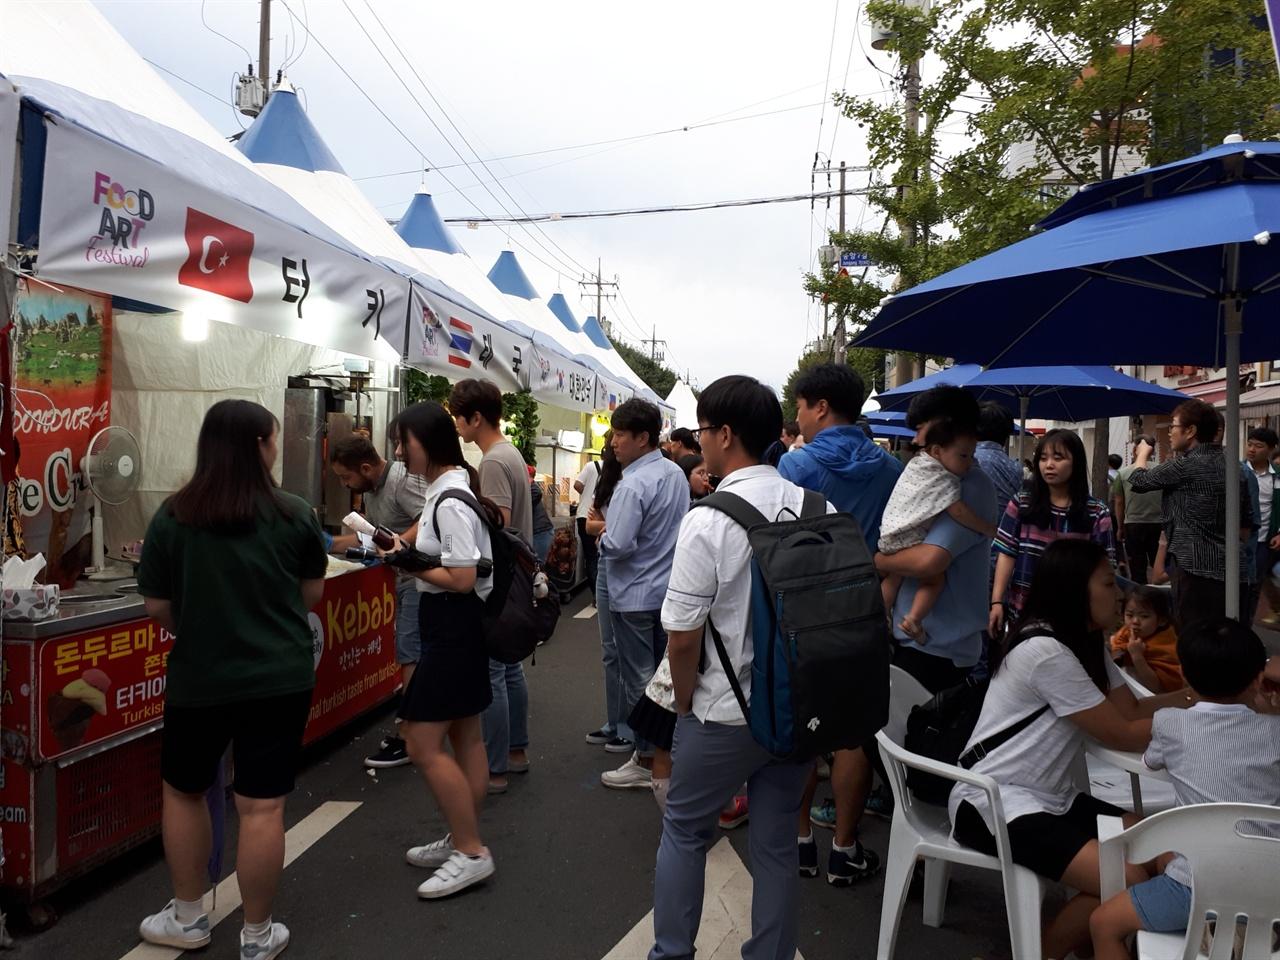 글로벌존  순천푸드아트페스티벌이 개막한 7일. 교복을 입은 학생들이 글로벌존에서 해외 음식을 맛보고 있다.